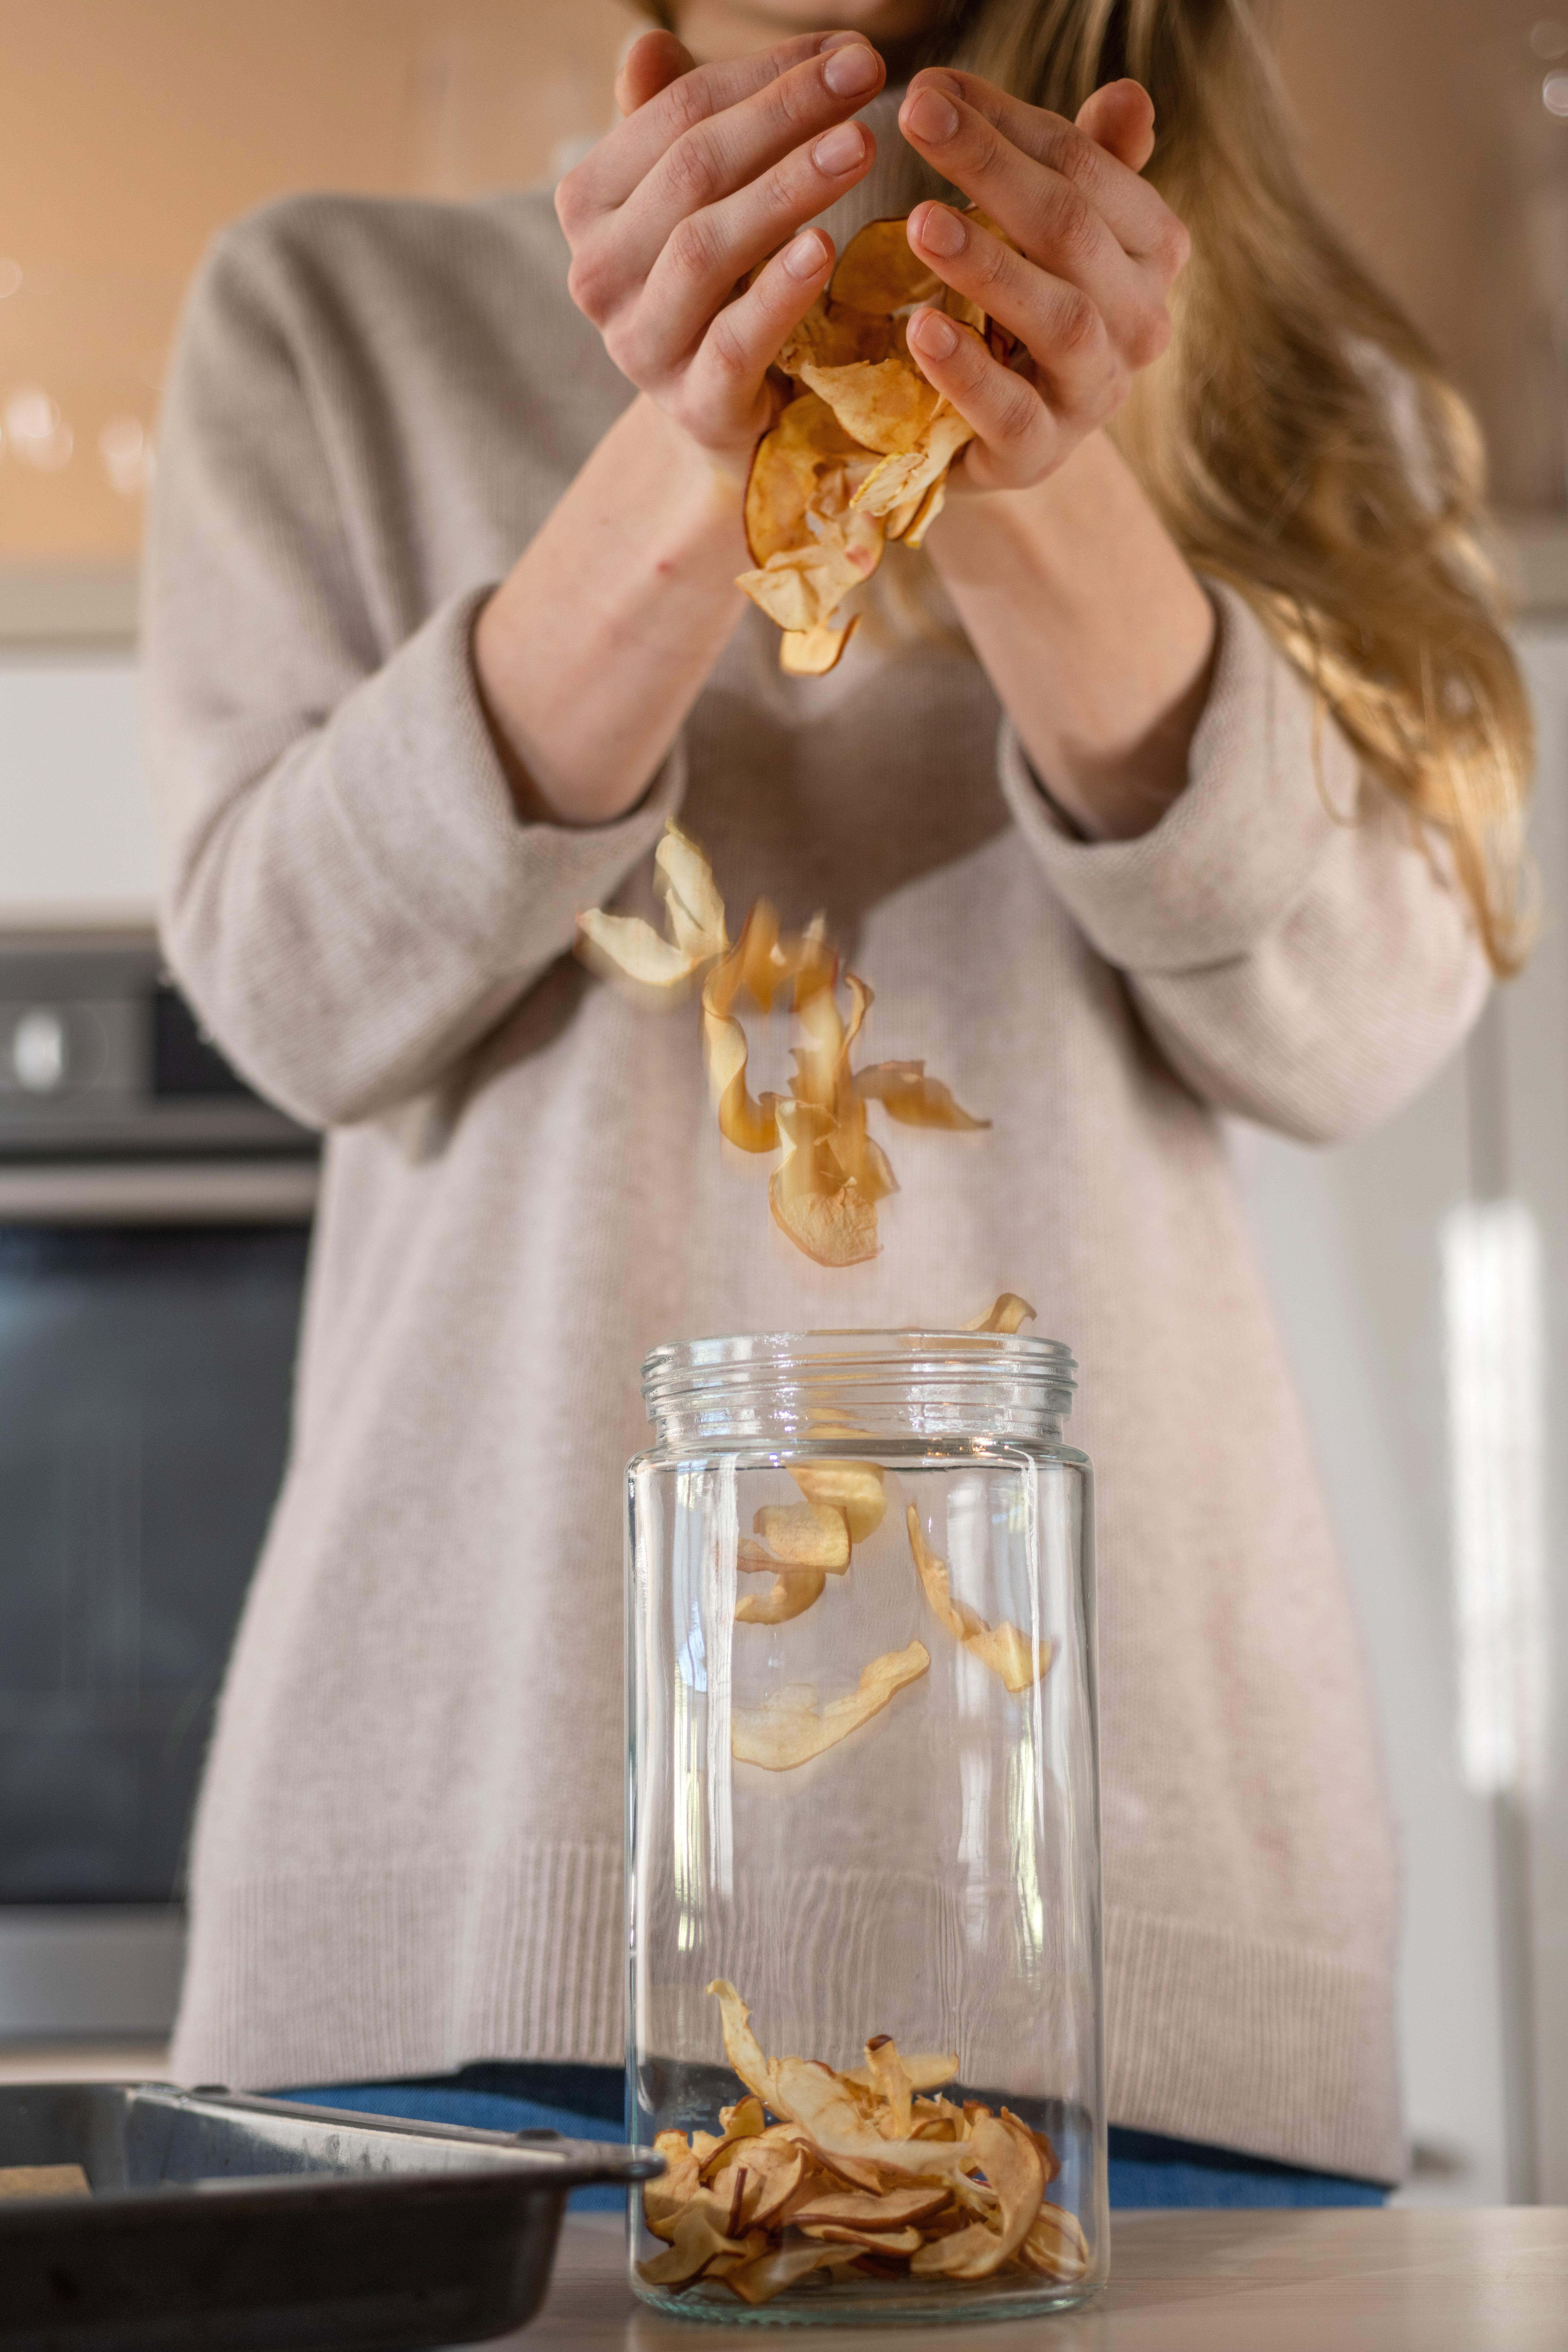 Getrocknete Apfelspalten werden in ein Behältnis gefüllt.